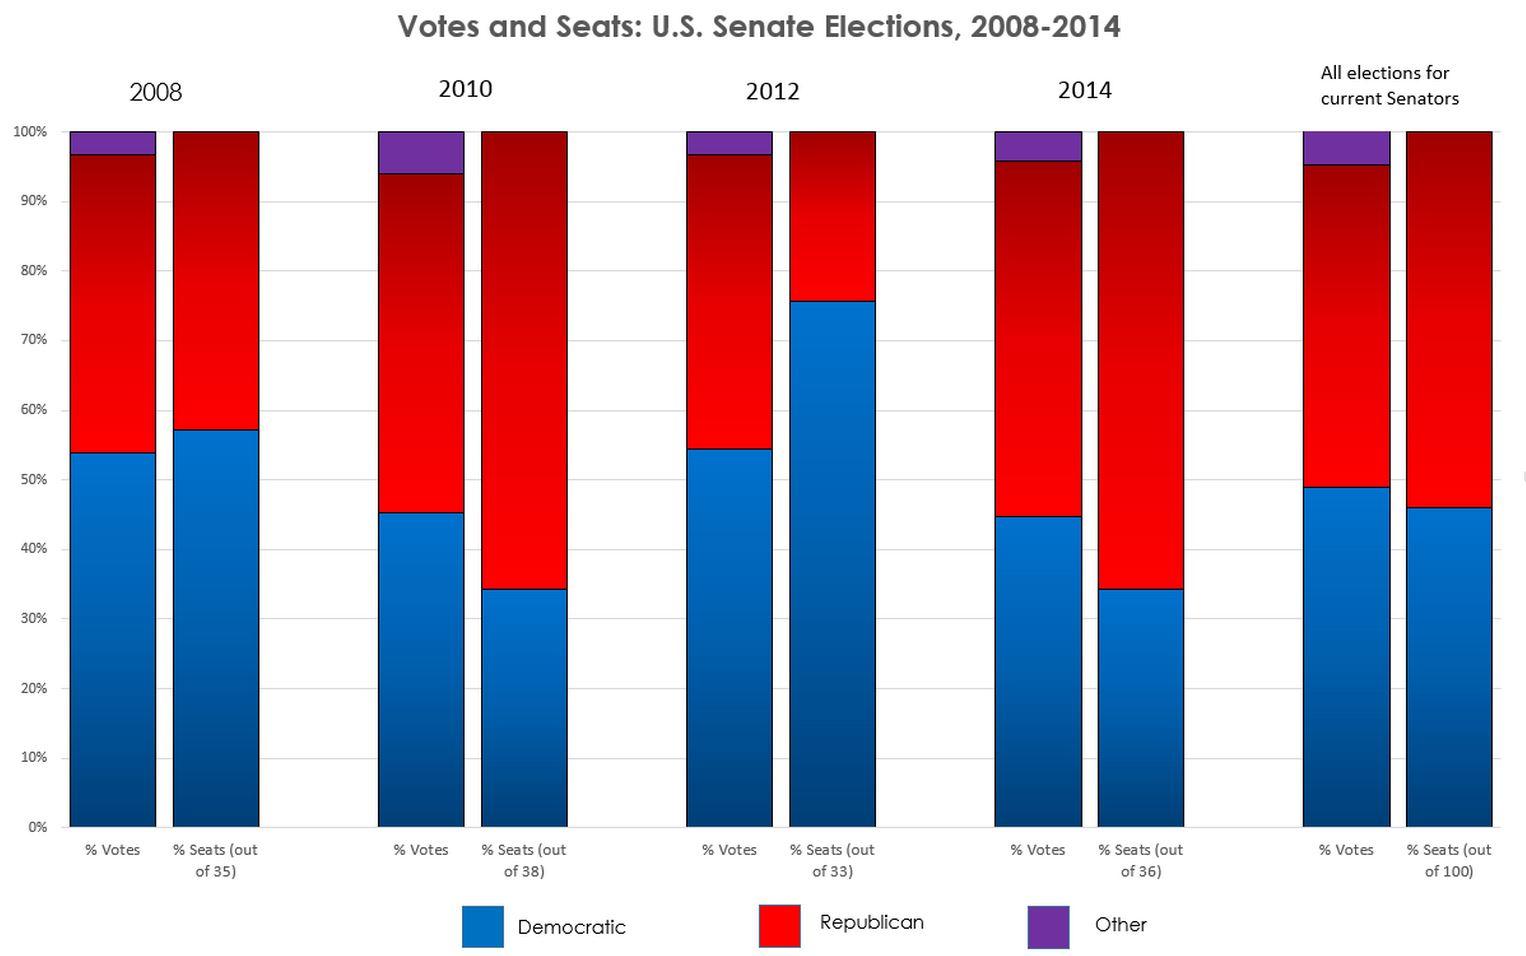 Senate votes